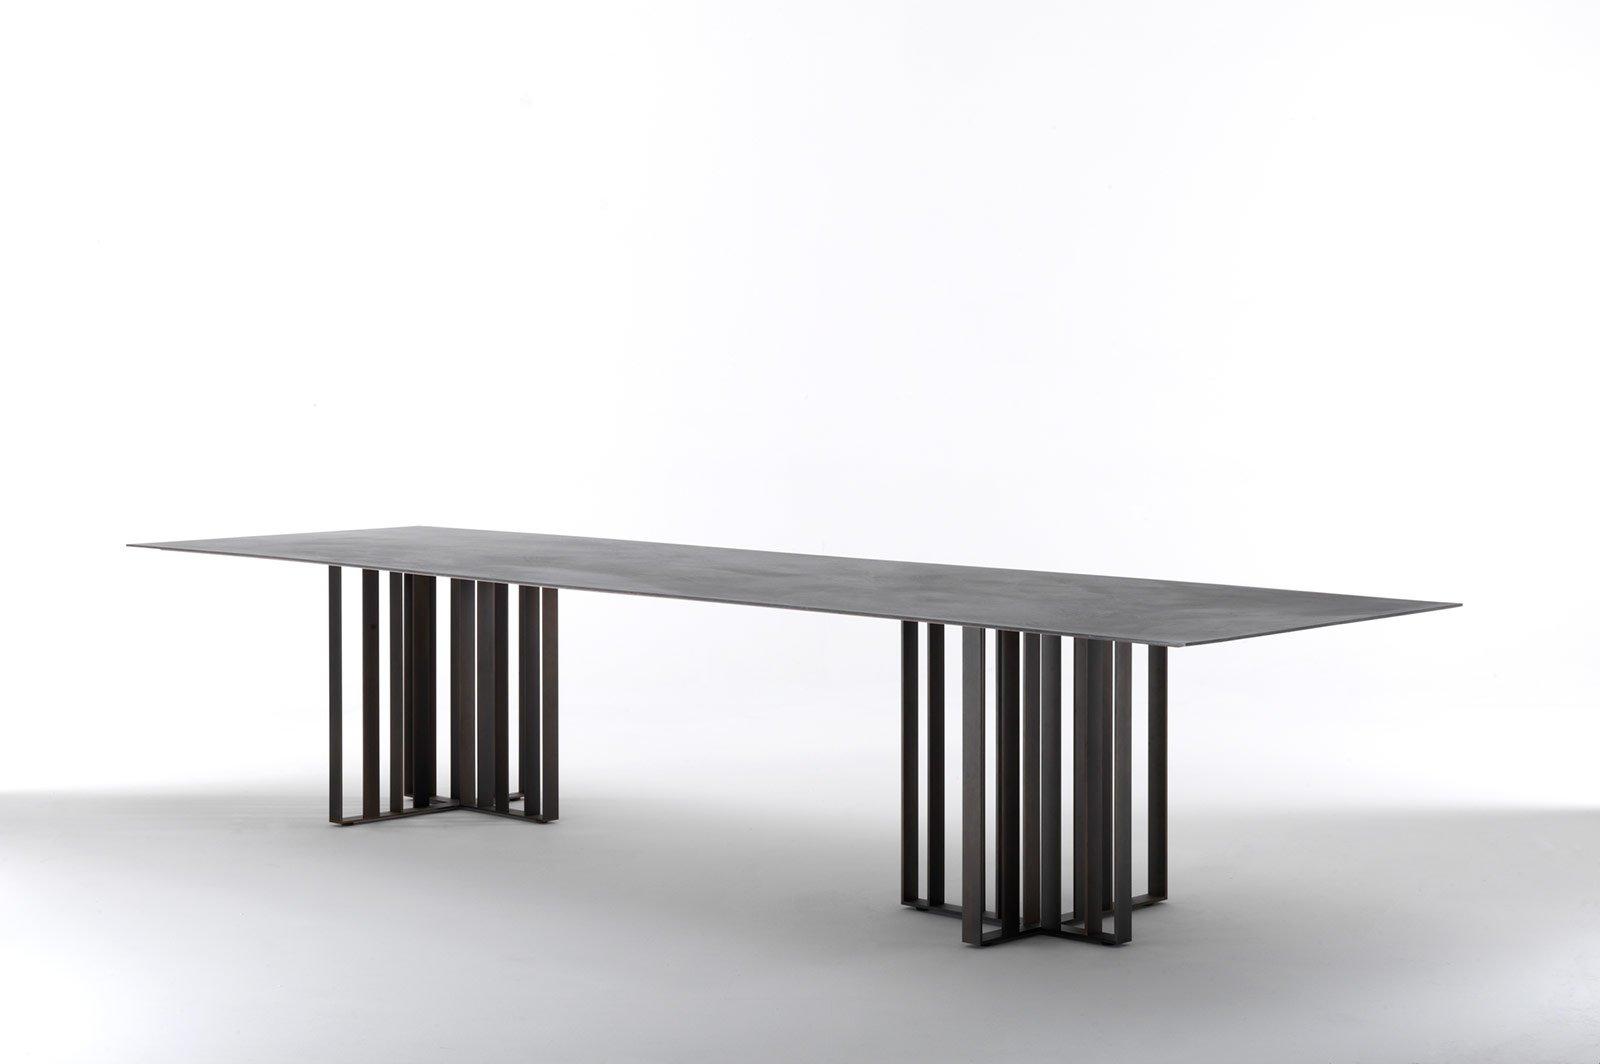 Tavoli con struttura in metallo dal salone del mobile for Mobili in metallo